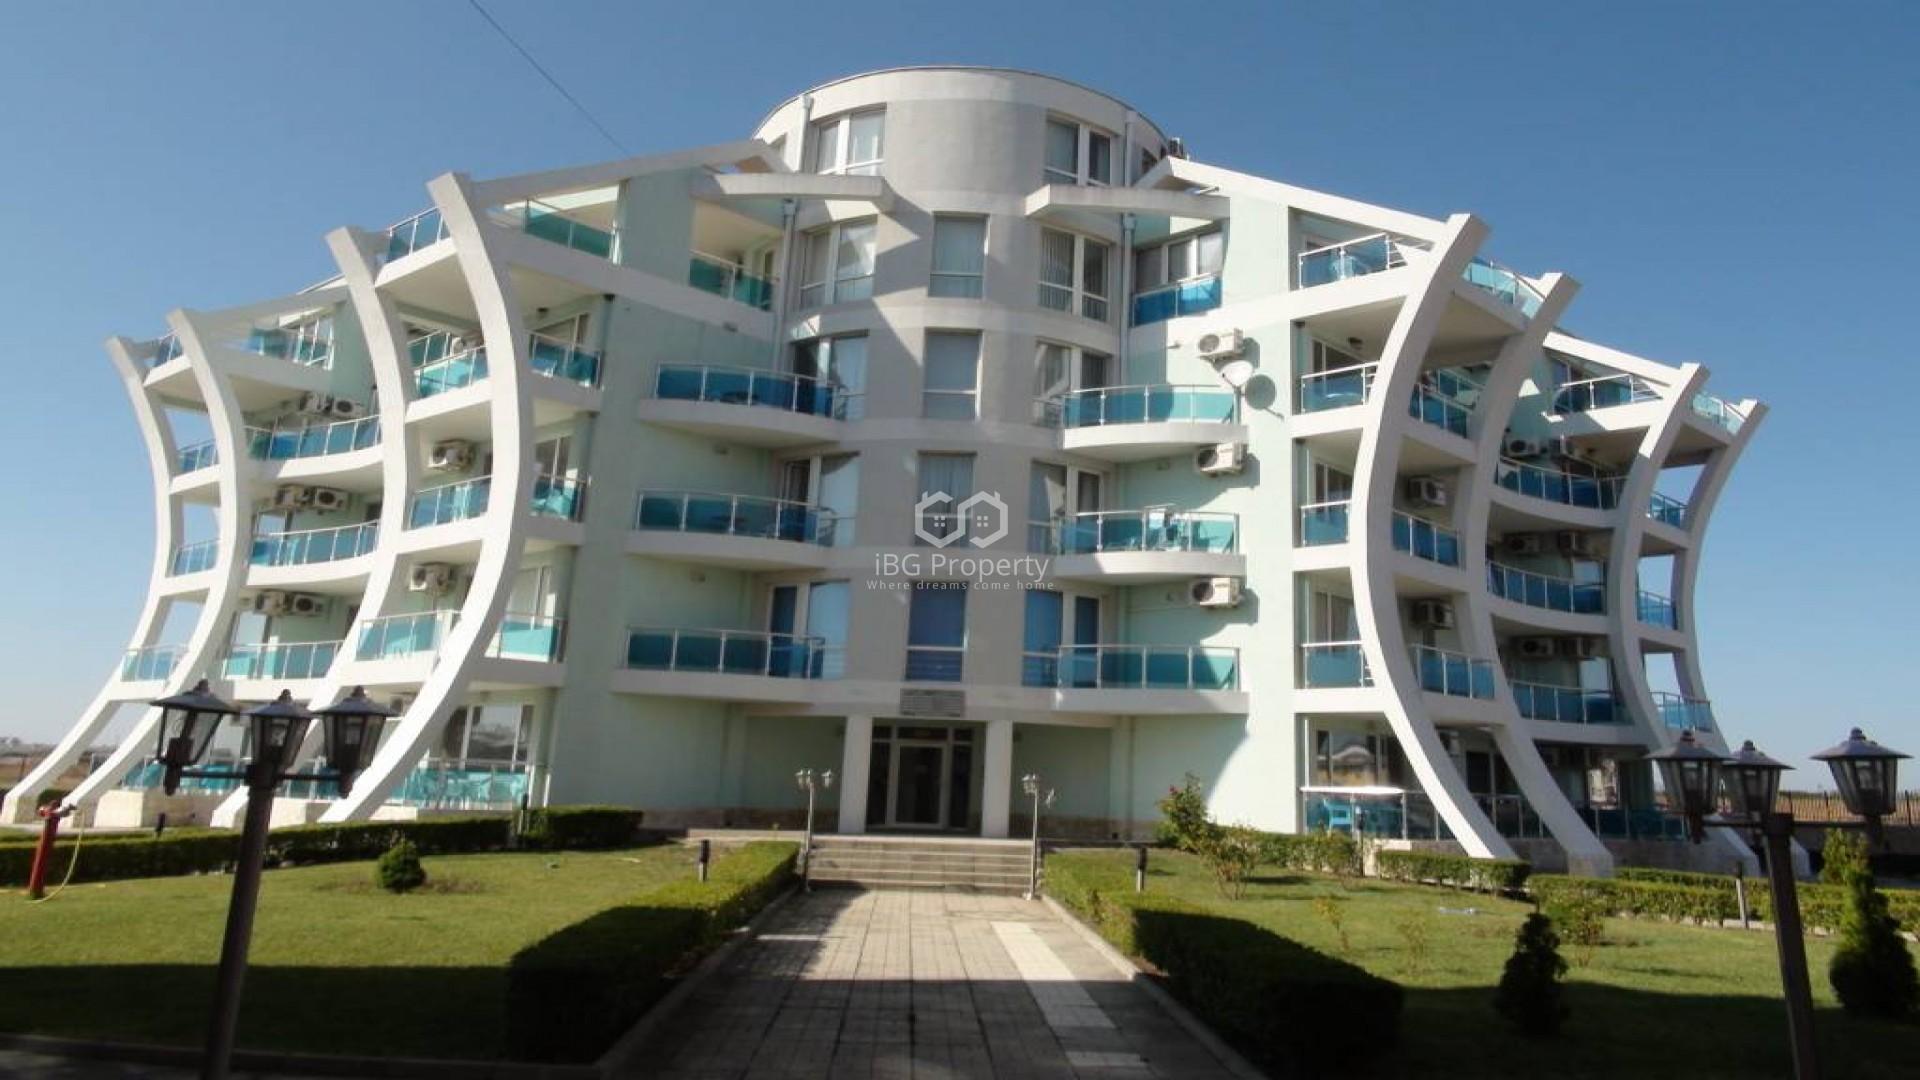 Едностаен апартамент Ахелой 49 m2